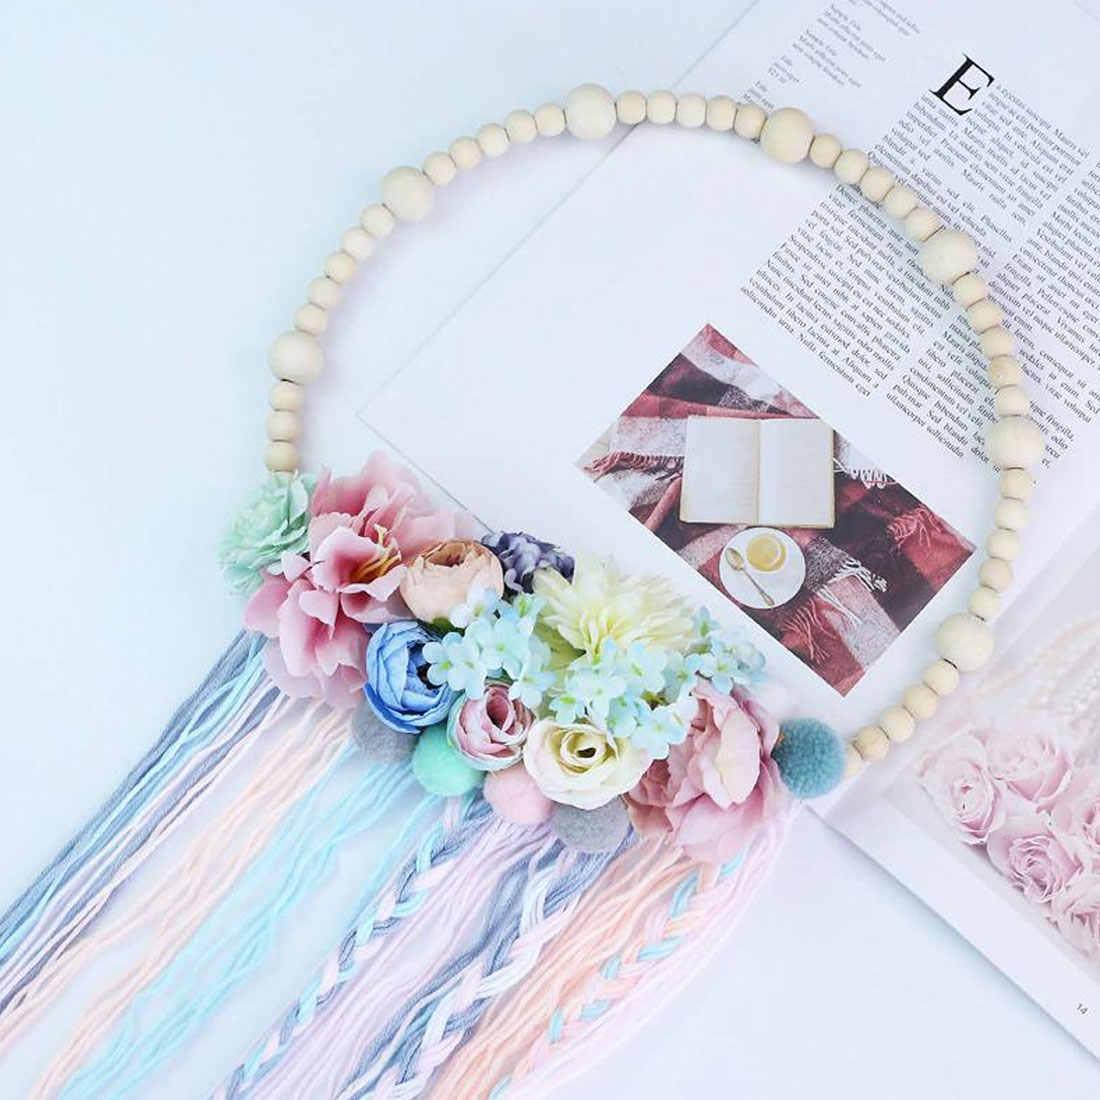 Dziewczyna akcesoria do włosów fotografia rekwizyty Nordic styl drewniane koraliki do włosów piłka girlanda Tassel dekoracje ścienne